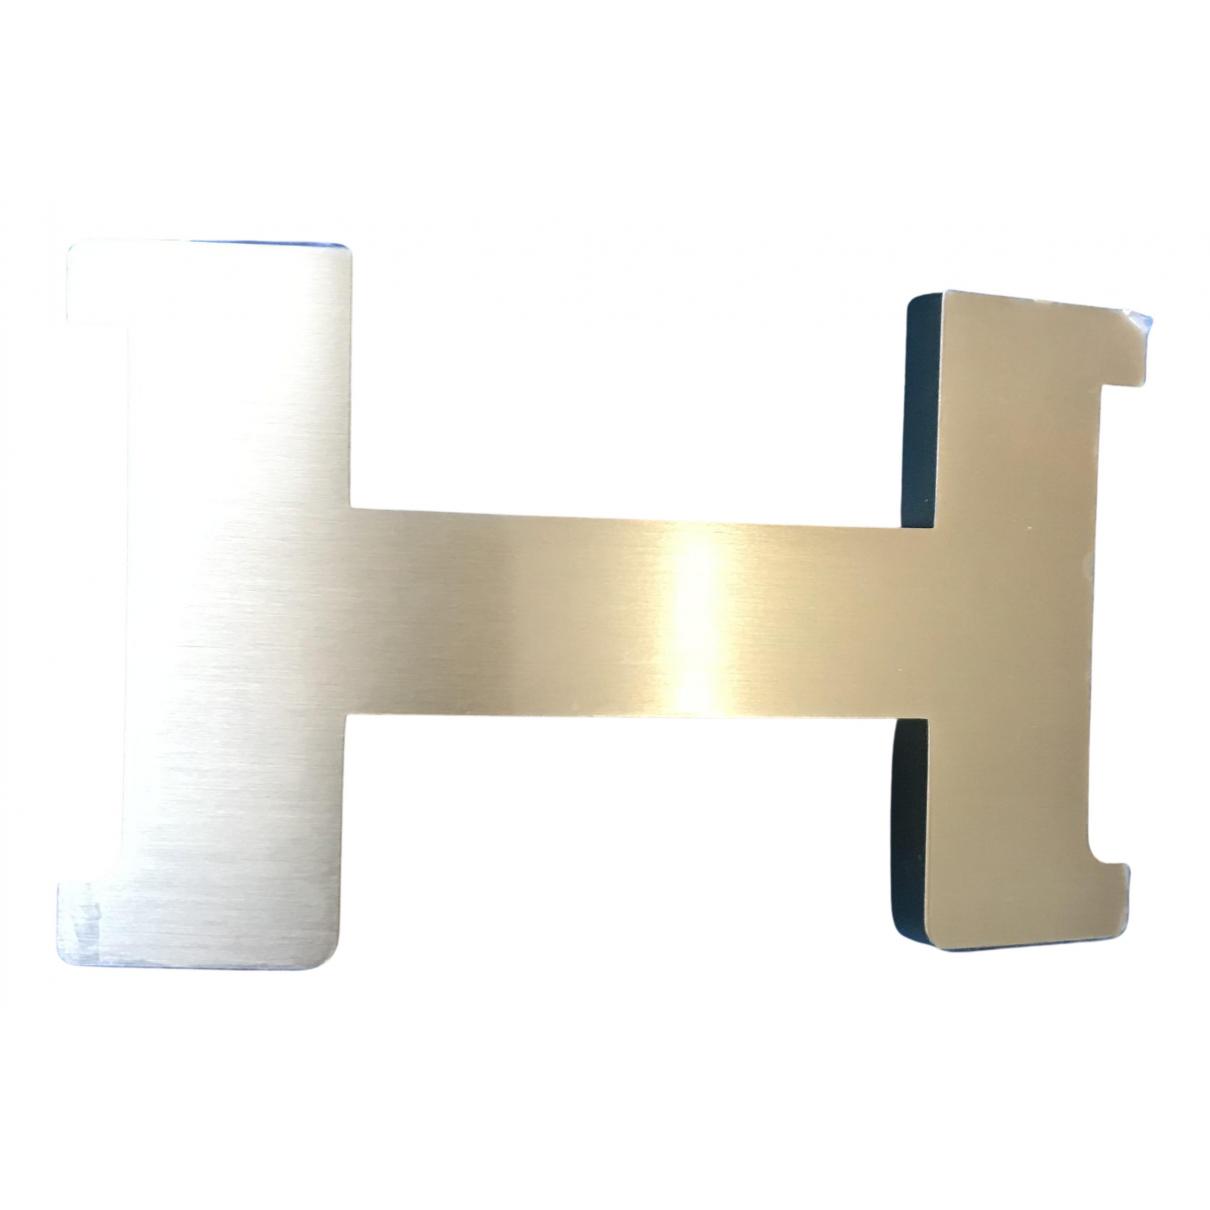 Hermes - Ceinture Boucle seule / Belt buckle pour femme en metal - dore